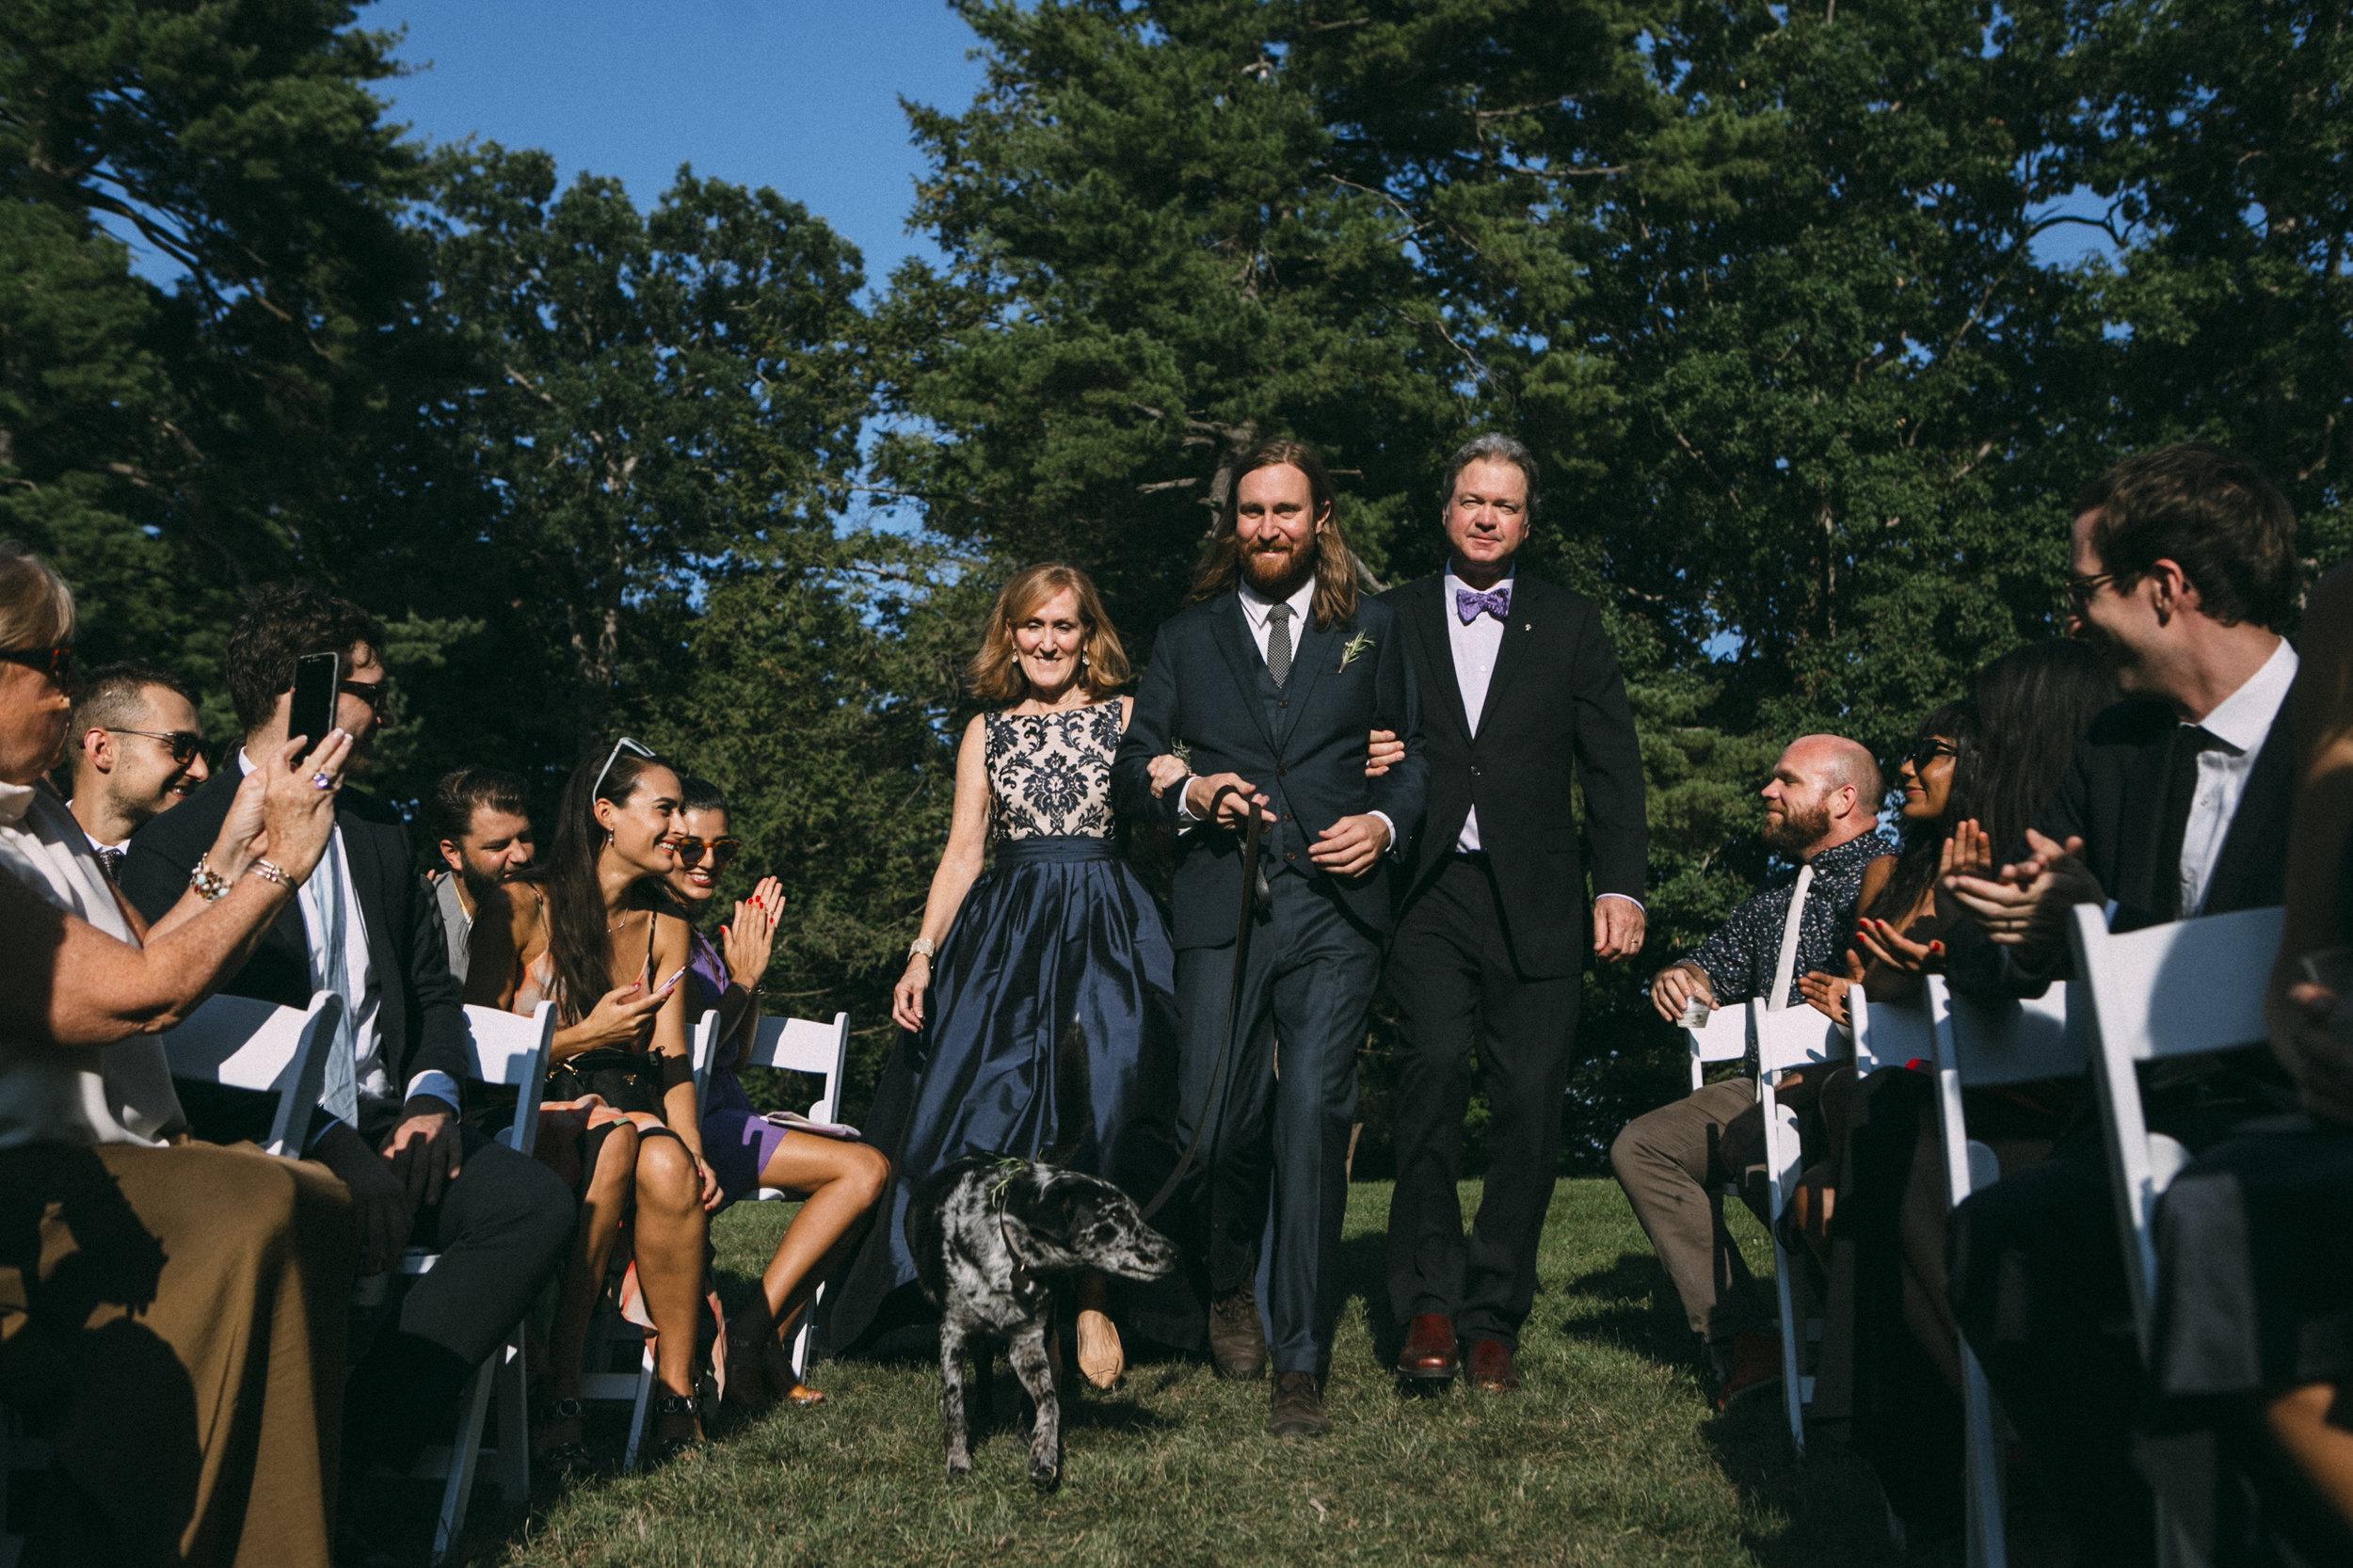 Em_and_Ax_00_wedding-492.jpg